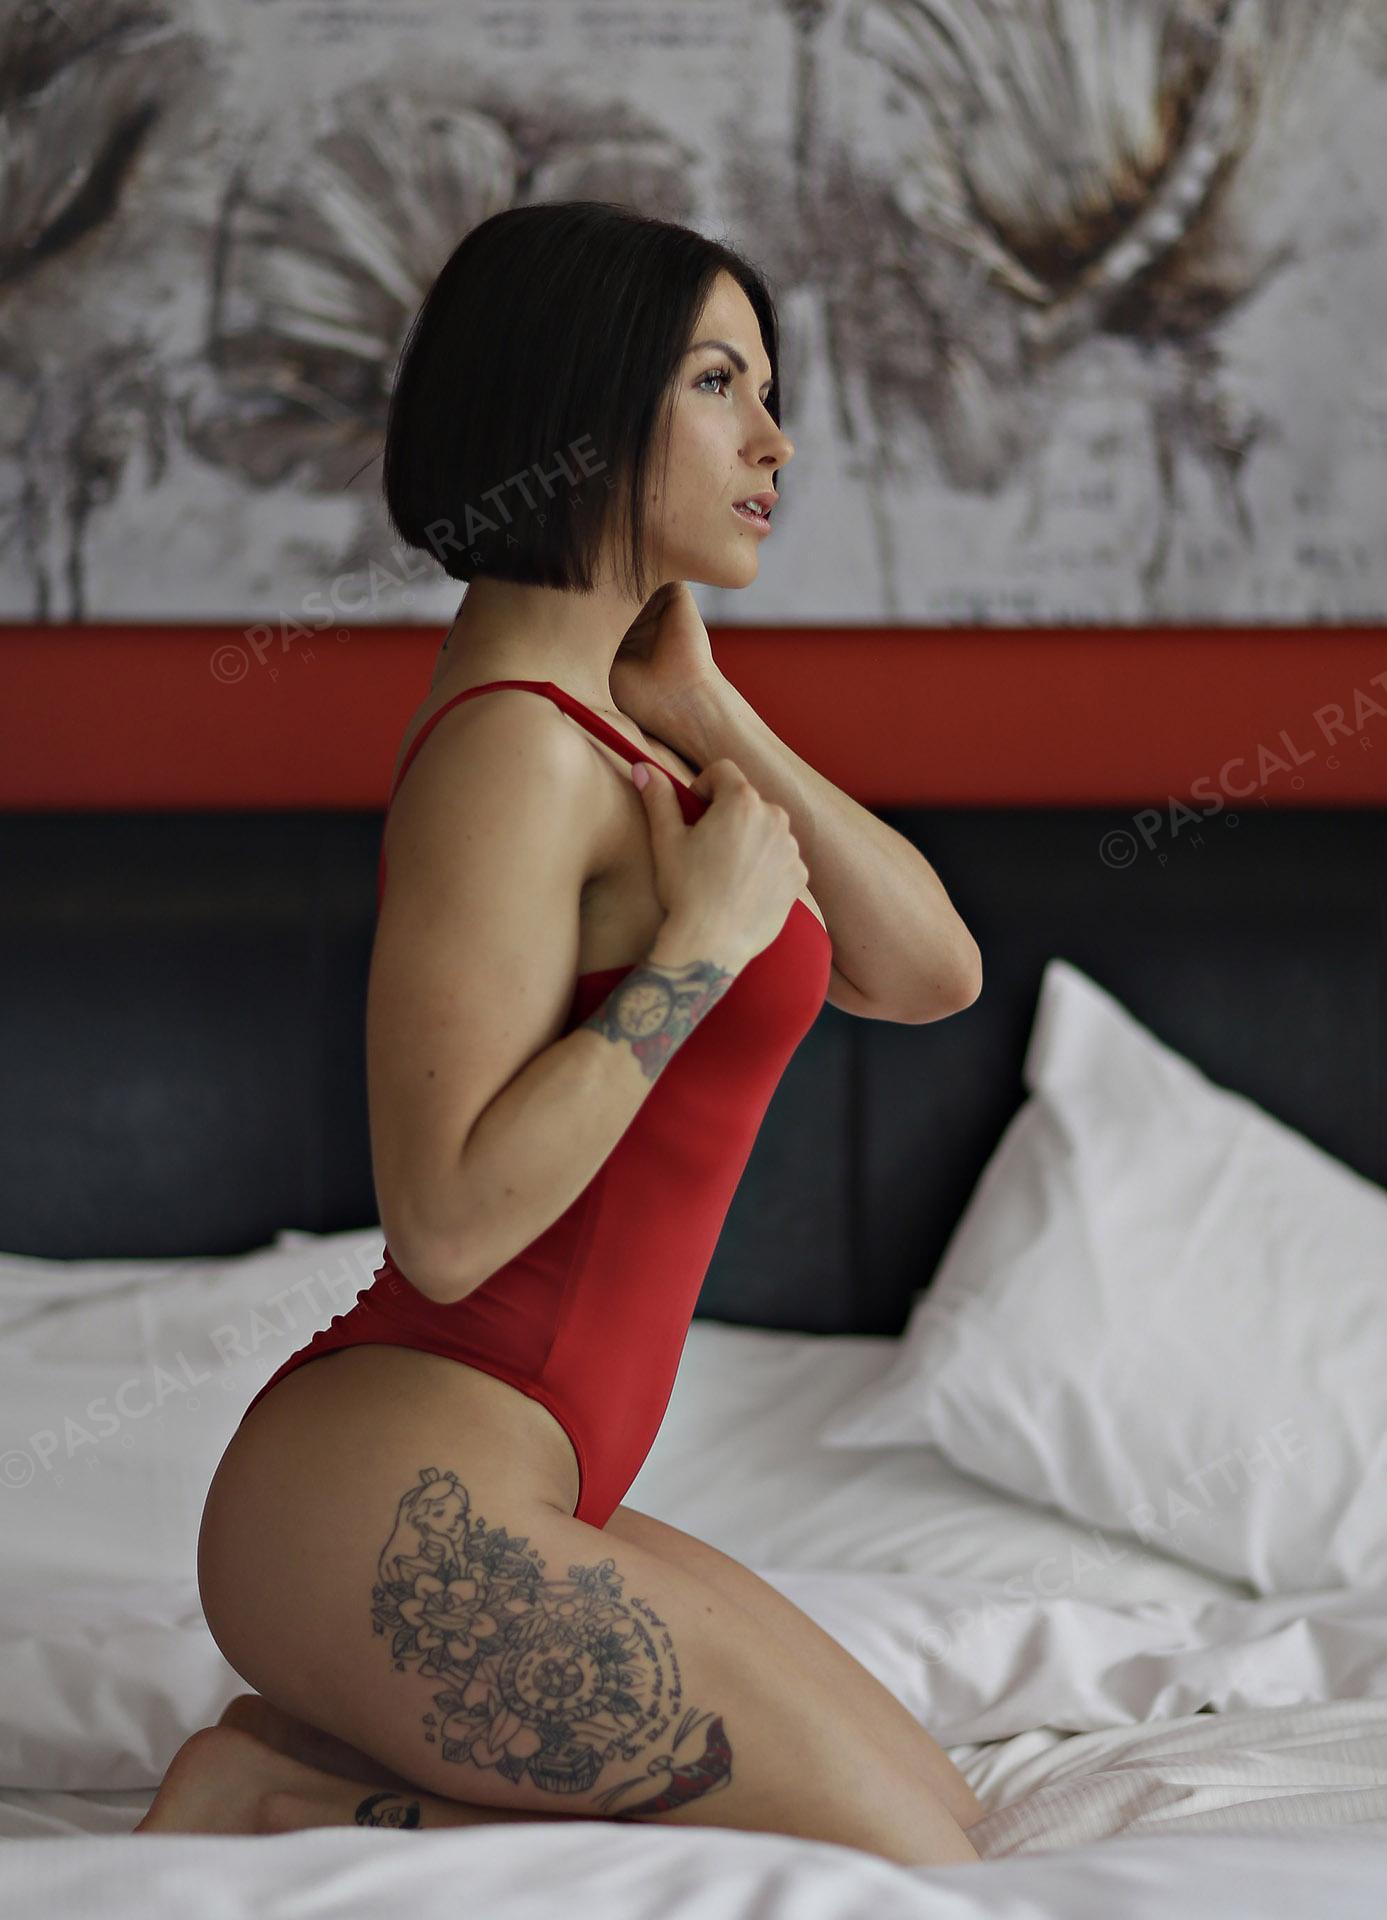 Annie Lizotte scéance photo d'une femme en maillot rouge sexy et en forme sur un lit